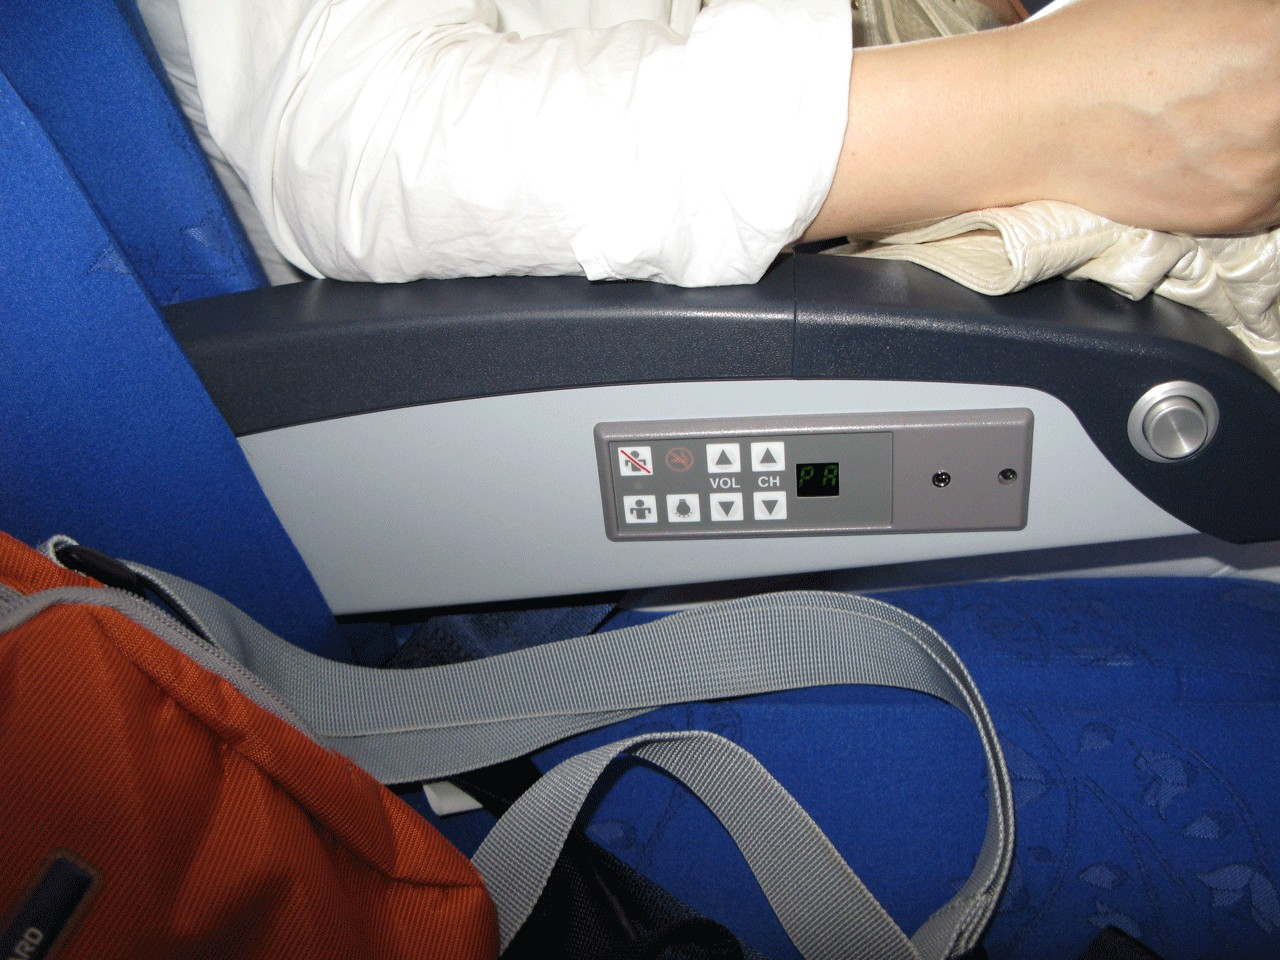 飞机座位08_飞机座位上的服务铃怎么用?_百度知道